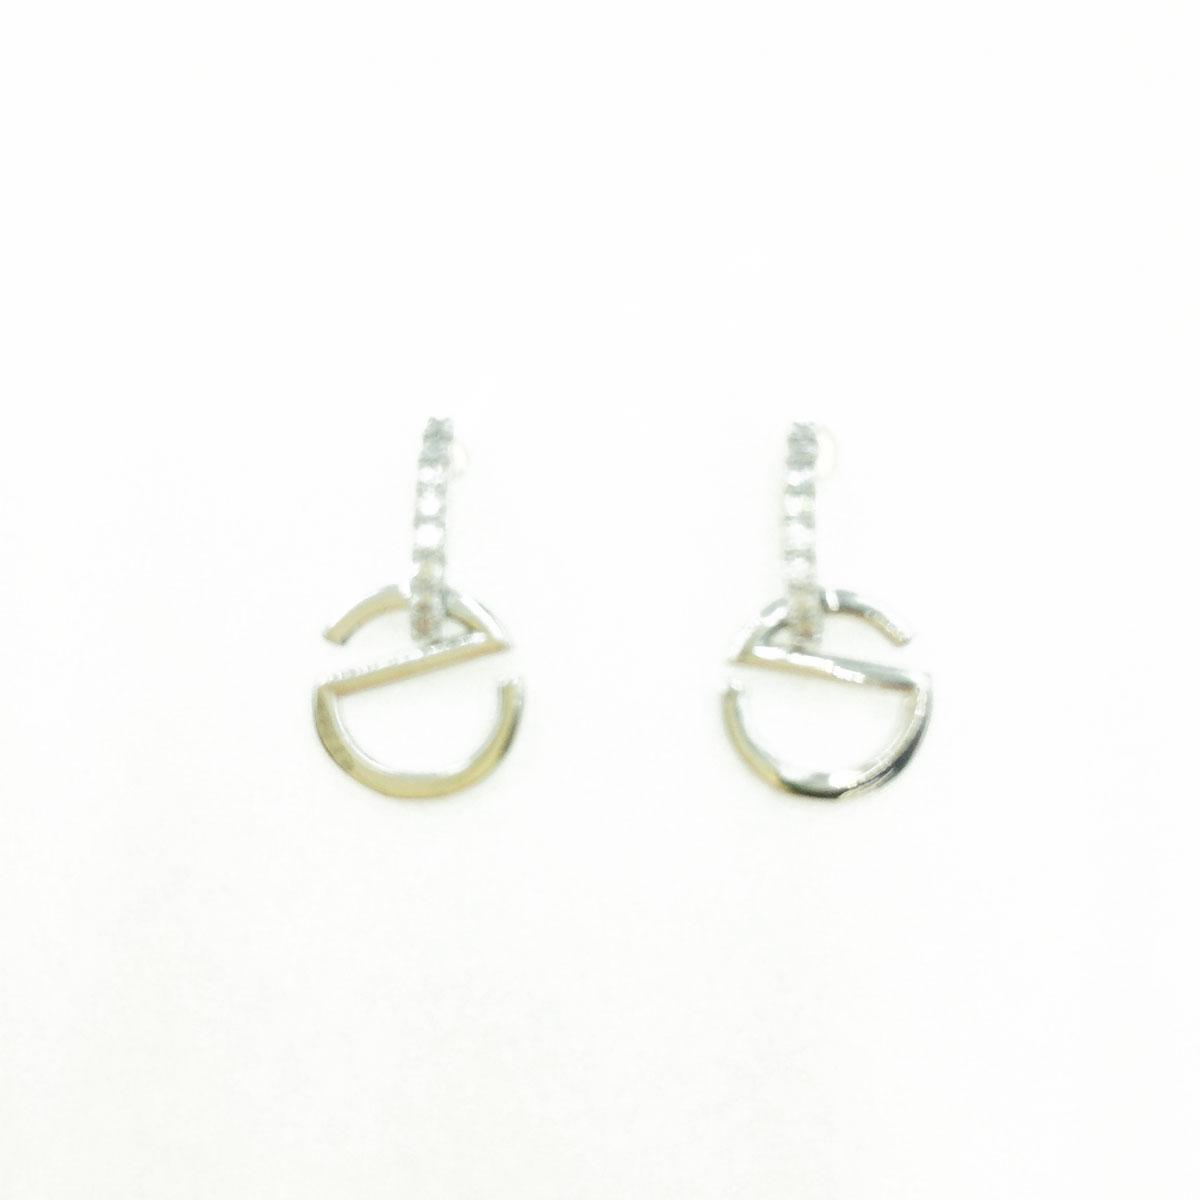 韓國 925純銀 水鑽 造型 銀色 明星款飾品 耳針式耳環